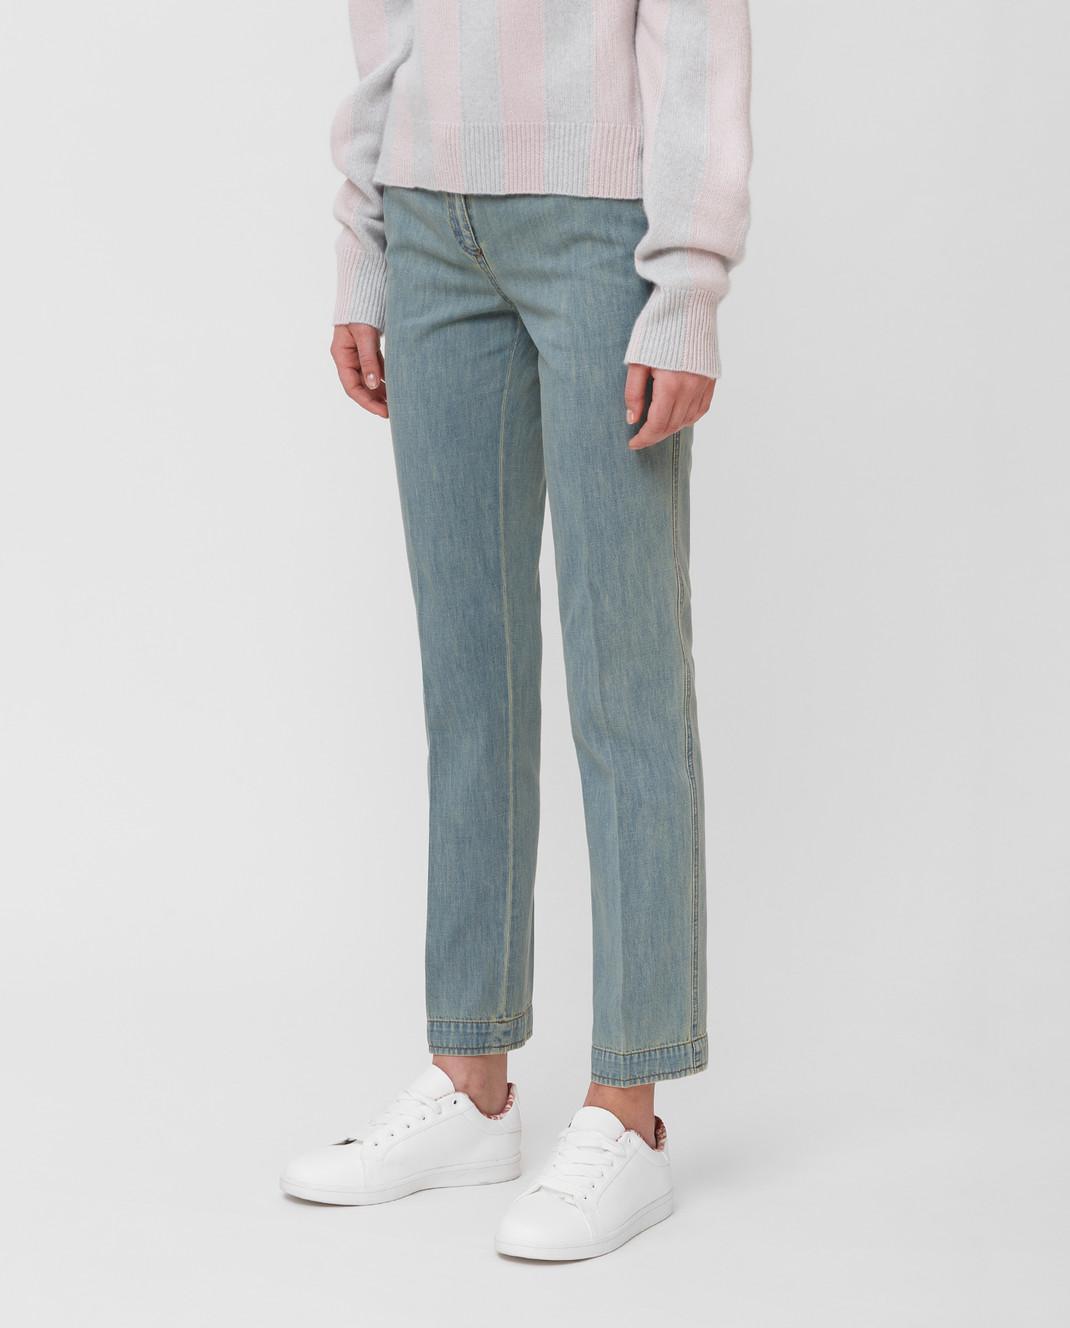 Bottega Veneta Голубые джинсы 545211 изображение 3